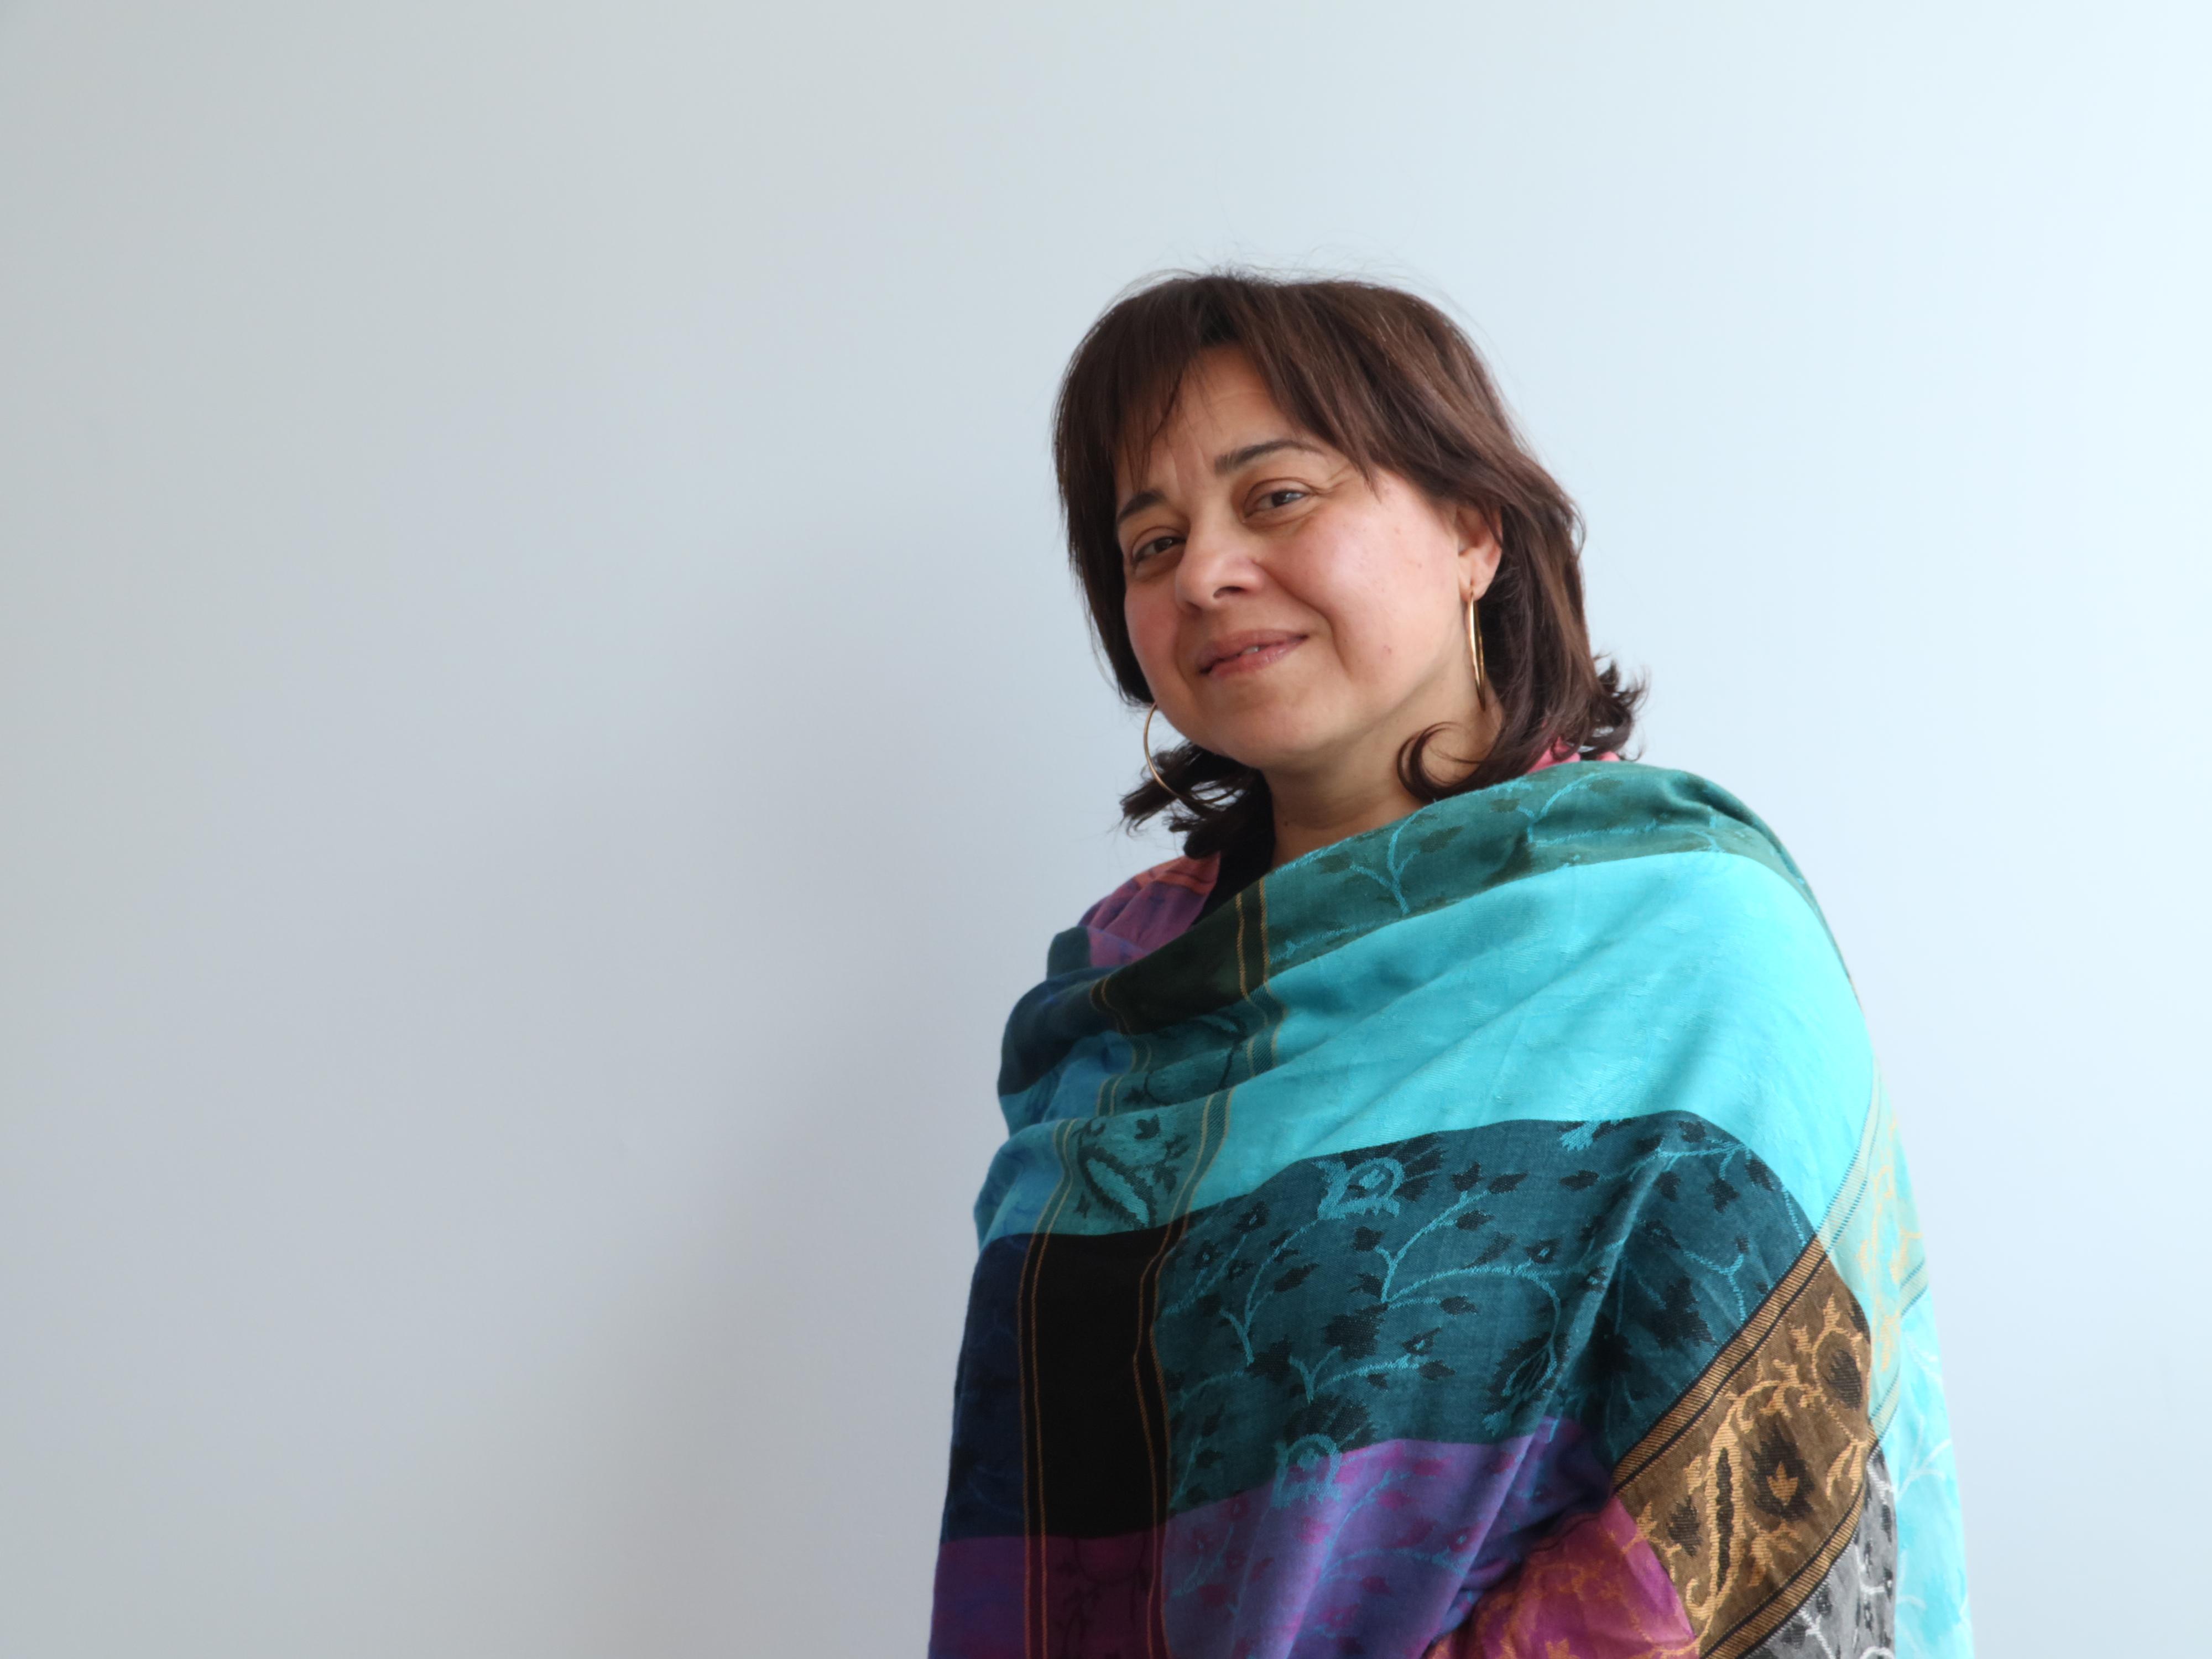 Maissaa Almustafa